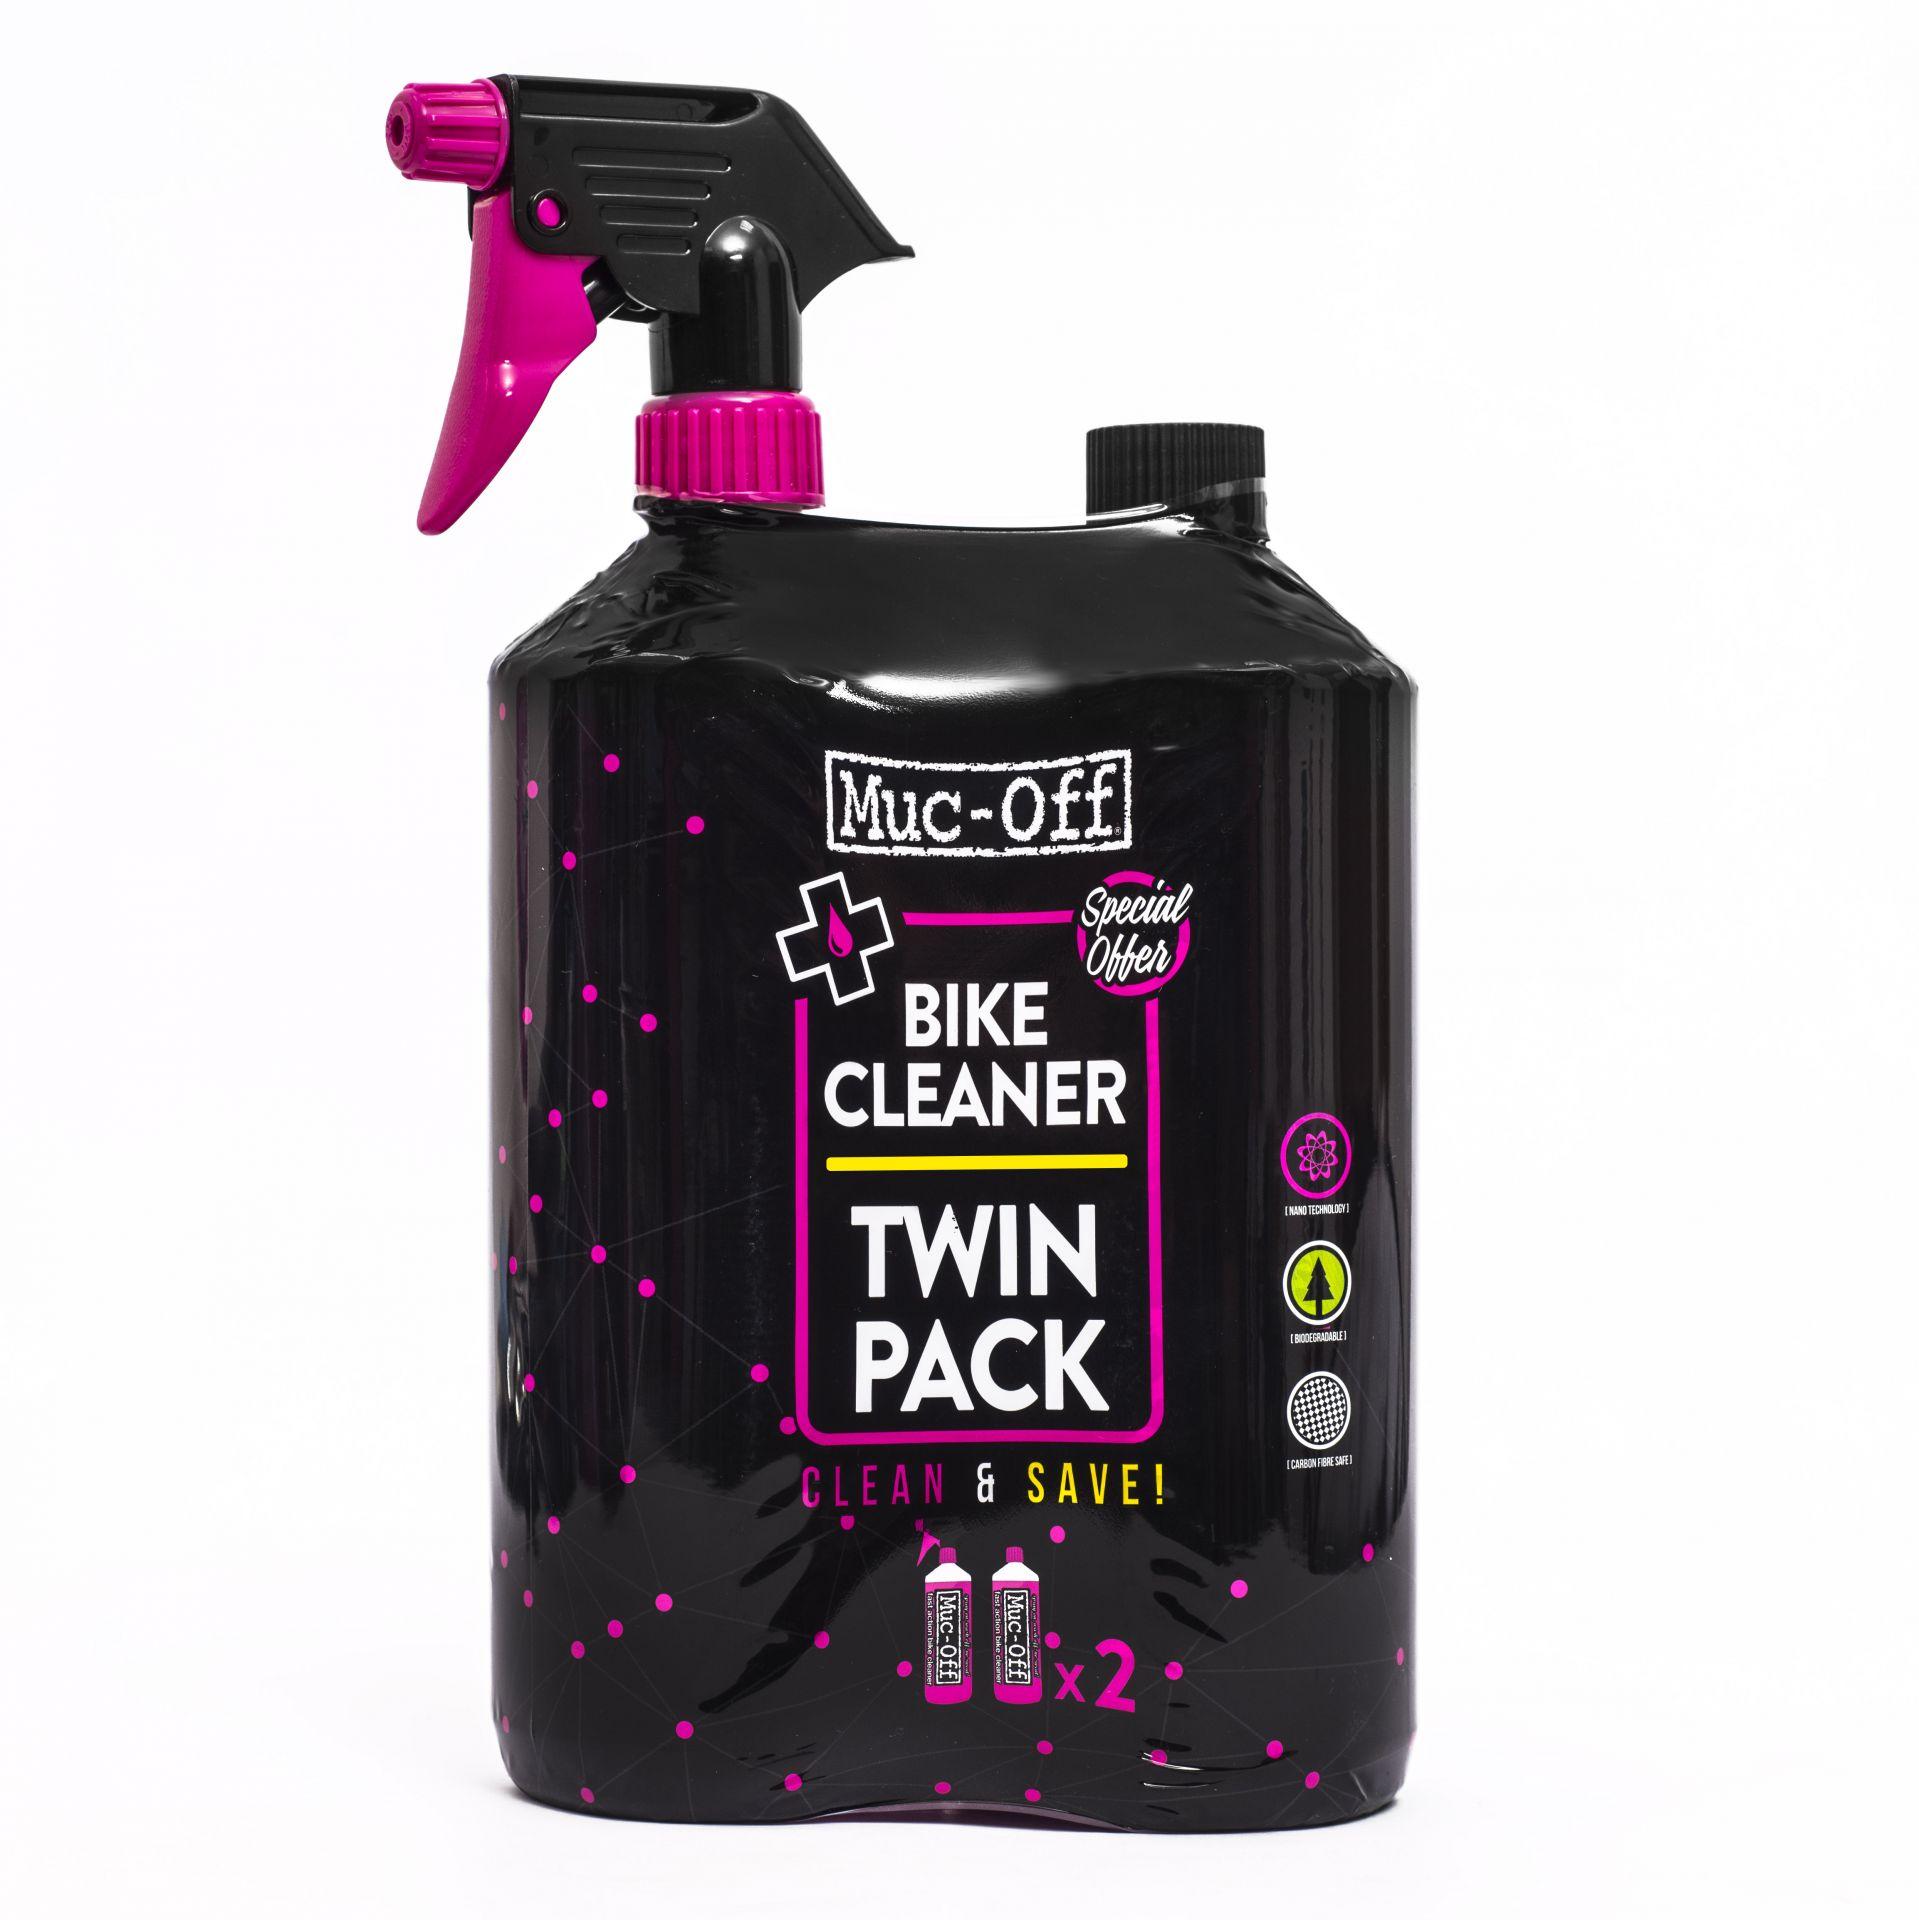 Nettoyant pour vélo Muc-Off Nano Tech Bike Cleaner Pack 2x 1 L + Pistolet